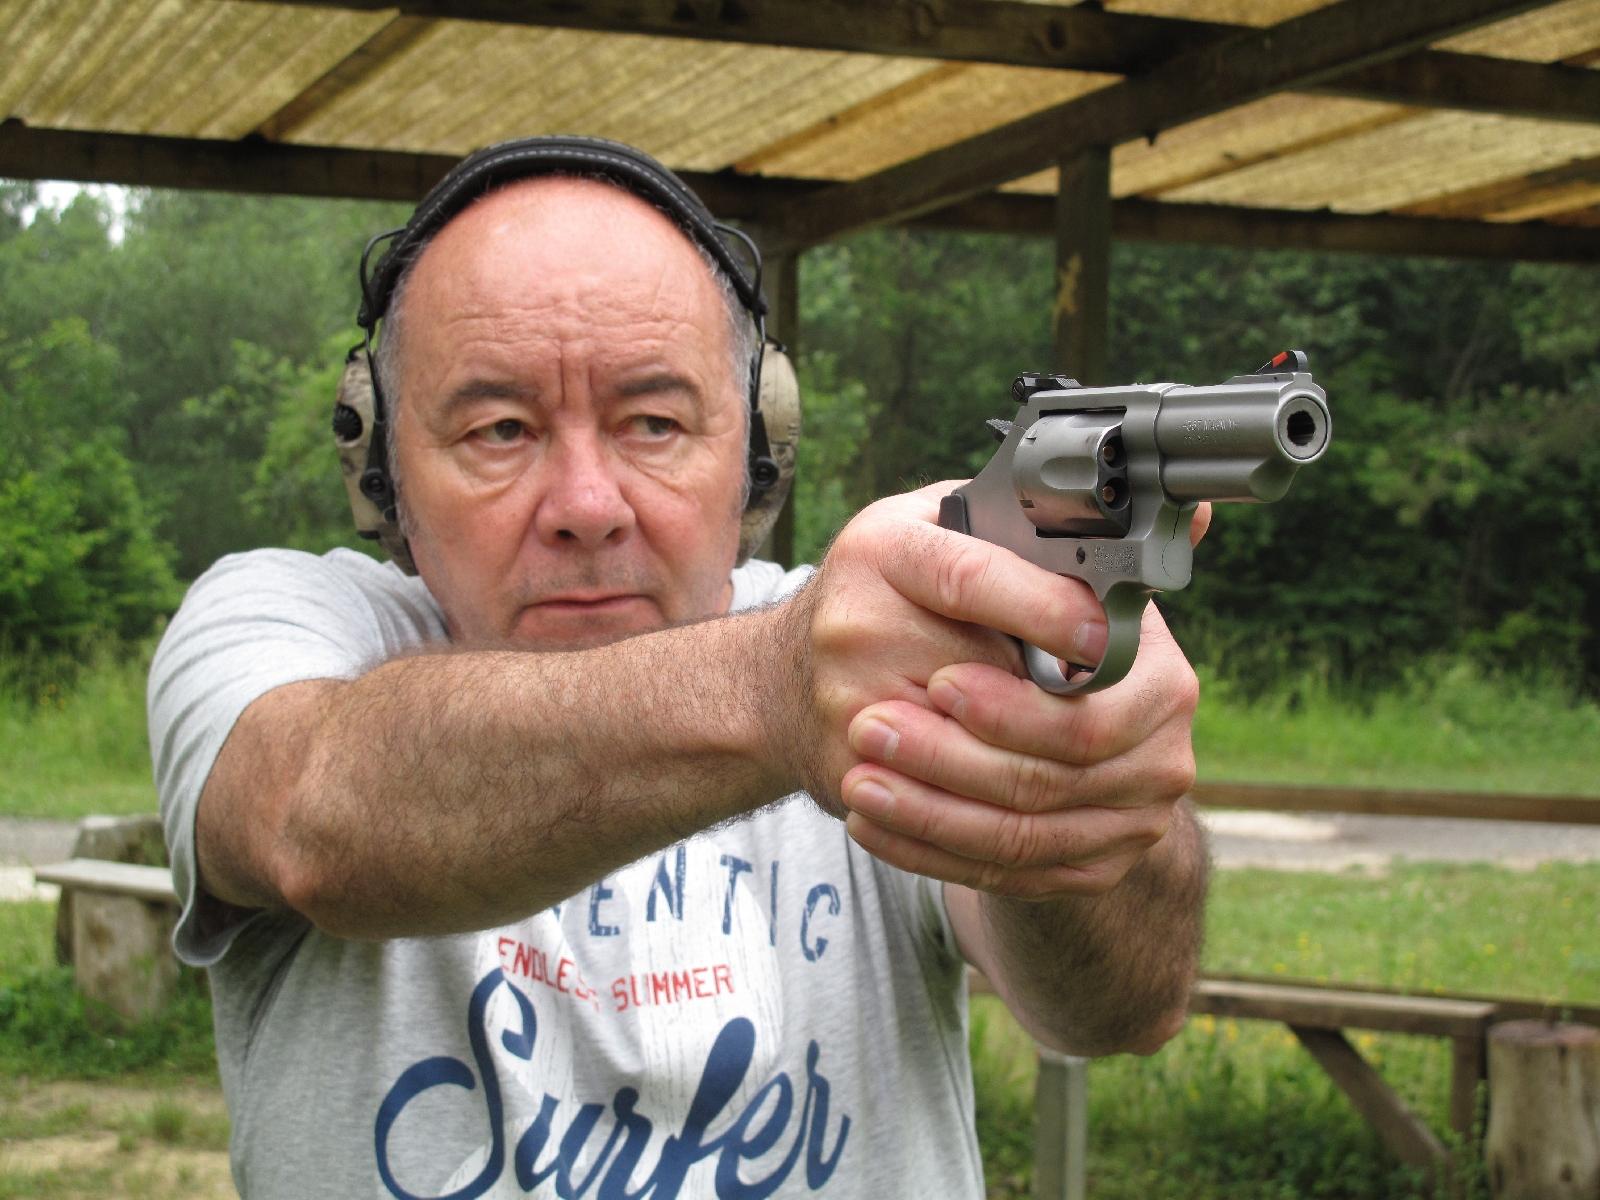 Ses plaquettes de poignée en polymère recouvert de néoprène se révèlent d'un grand secours pour permettre de maîtriser le recul lors des tirs effectués avec des cartouches de calibre .357 Magnum.